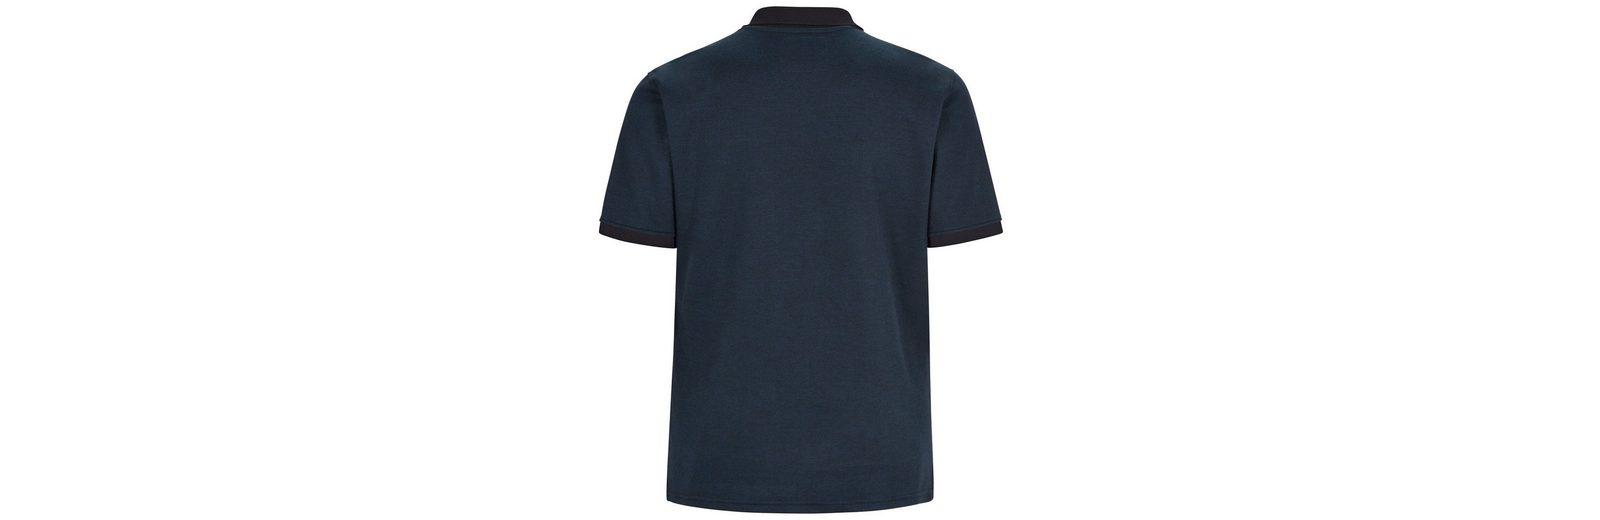 Outlet Beliebt Jan Vanderstorm Poloshirt BALWIN Verkauf Finish Kaufen Sie Günstig Online Preis Xk4qJPAY4